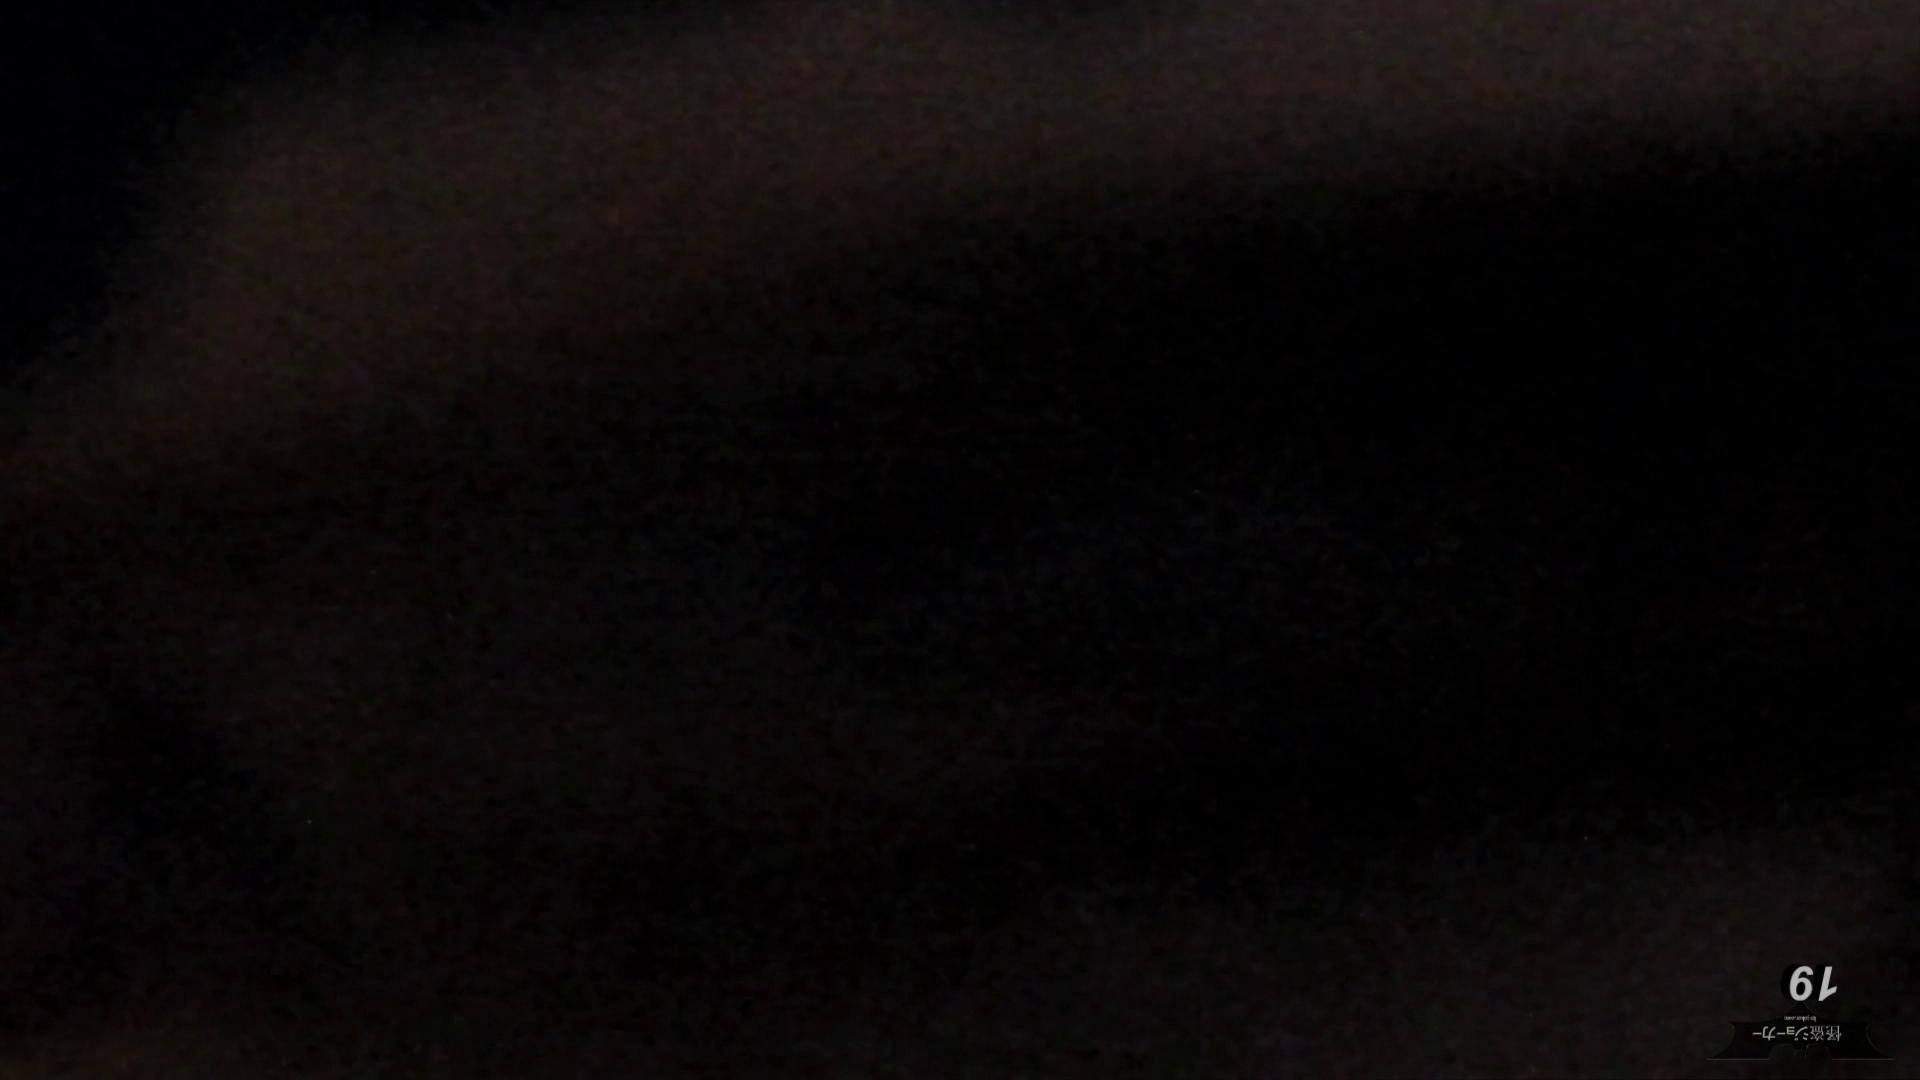 阿国ちゃんの「和式洋式七変化」 (NEW)19 「雫」はしっかりと切るんです! 丸見え おめこ無修正画像 86画像 50